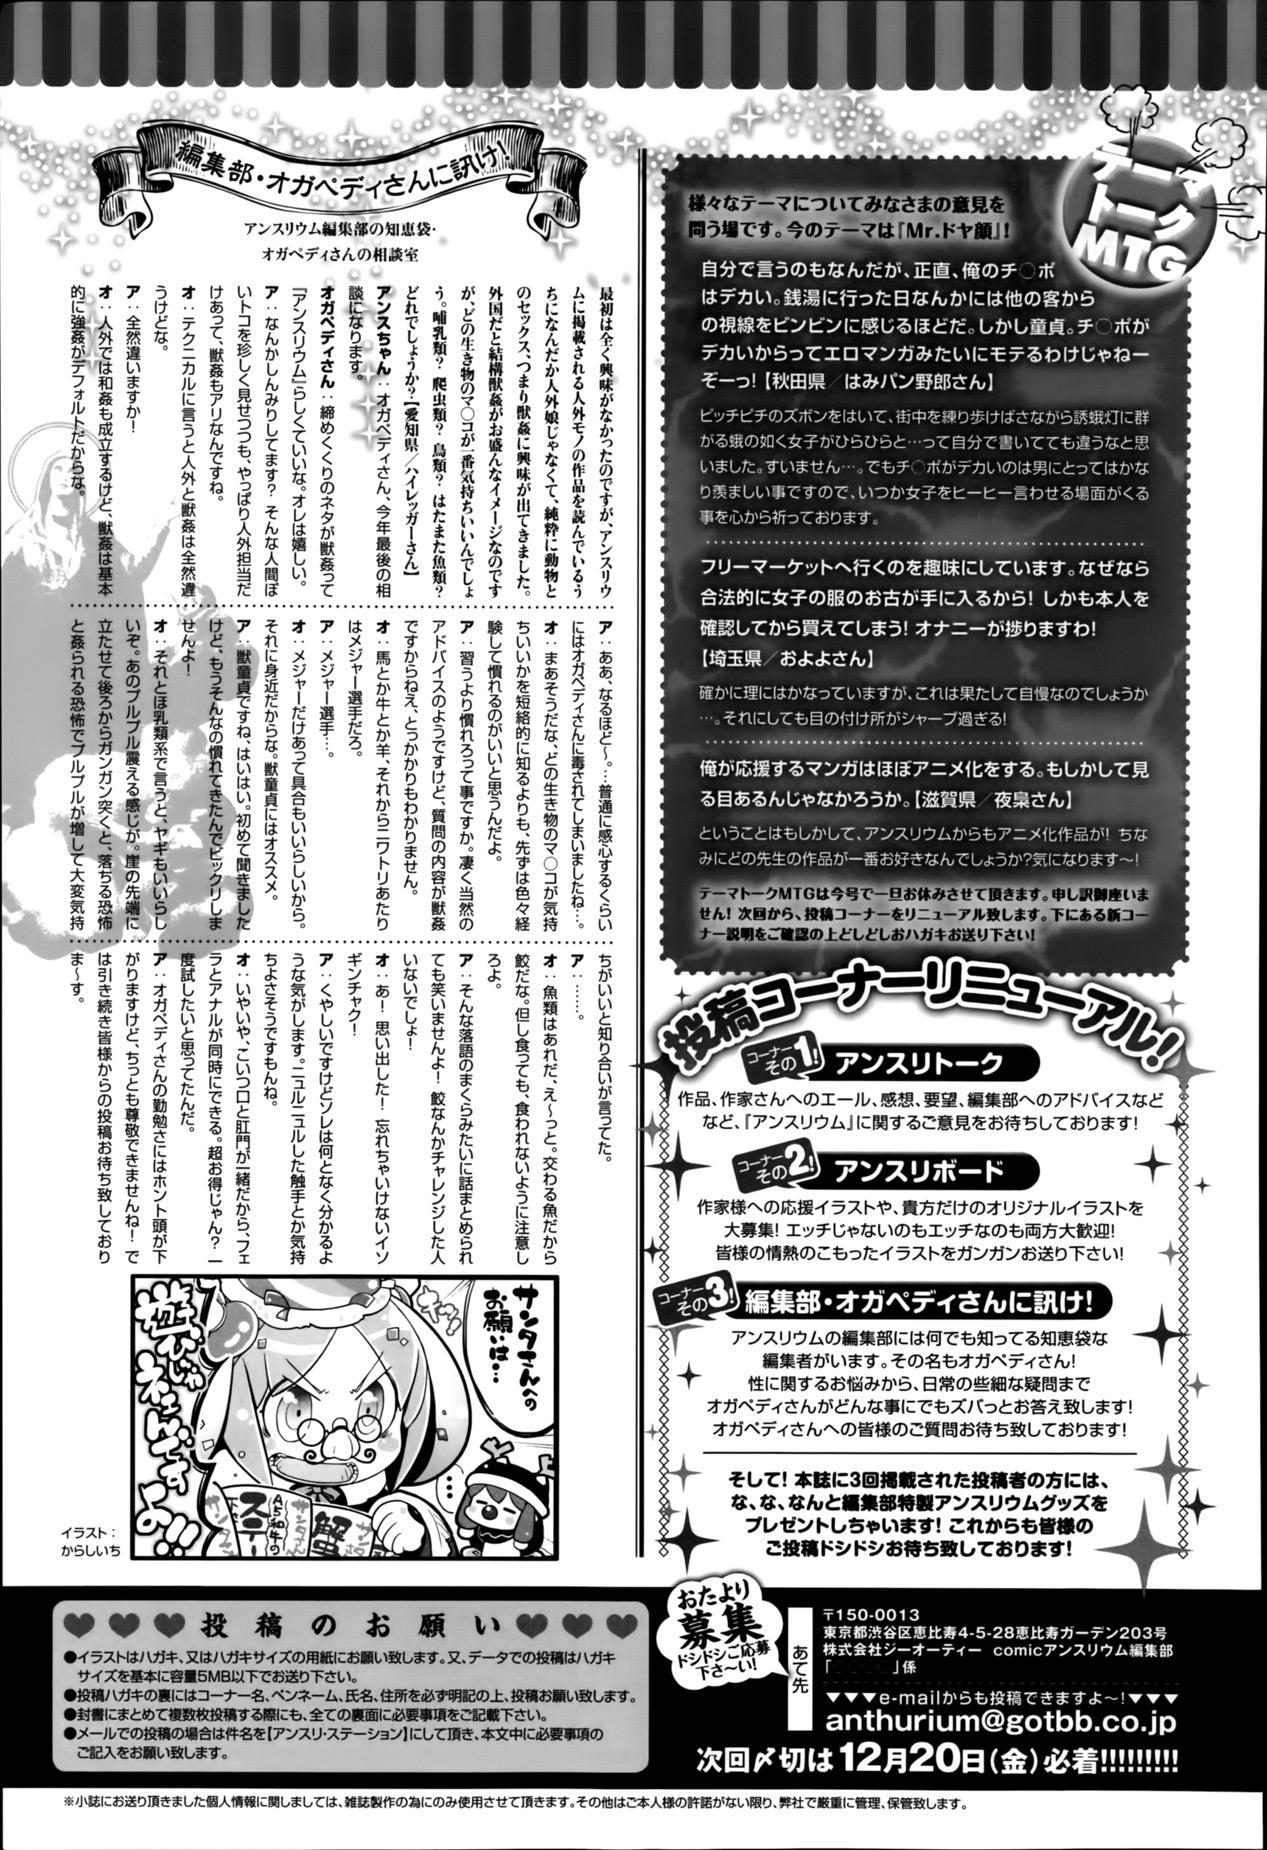 Comic Anthurium 009 2014-01 383